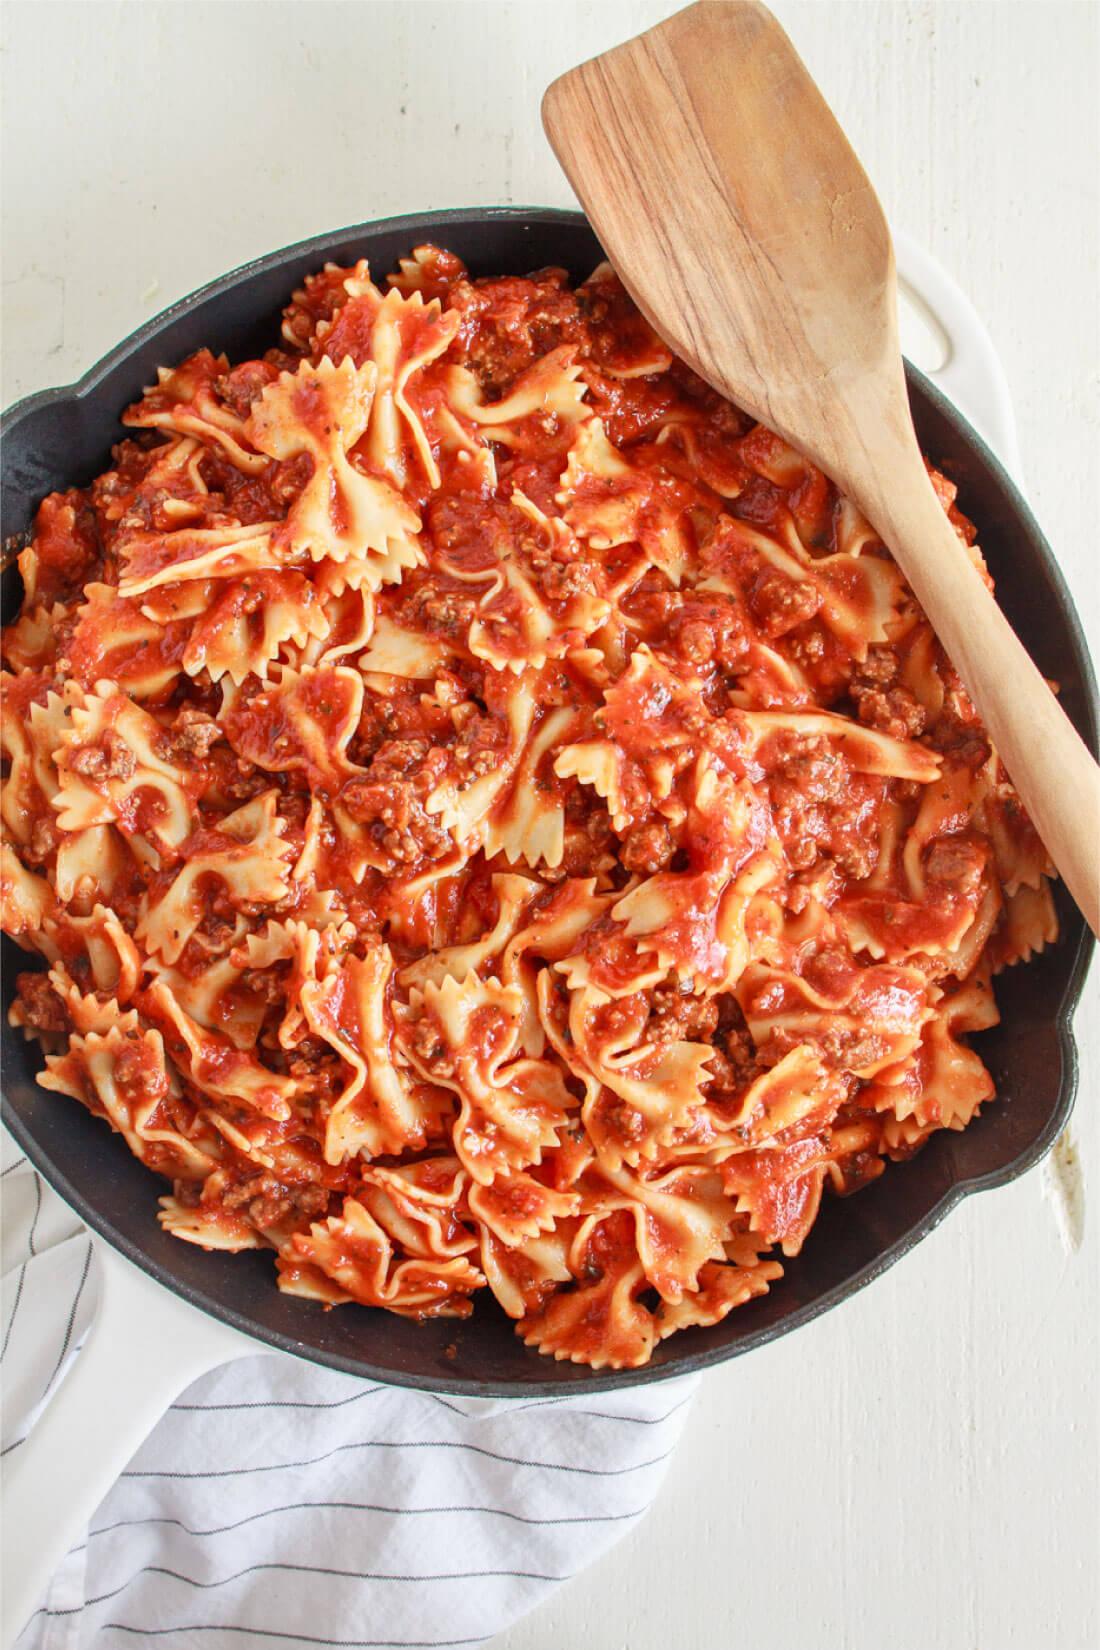 Bow tie pasta lasagna - ready to go